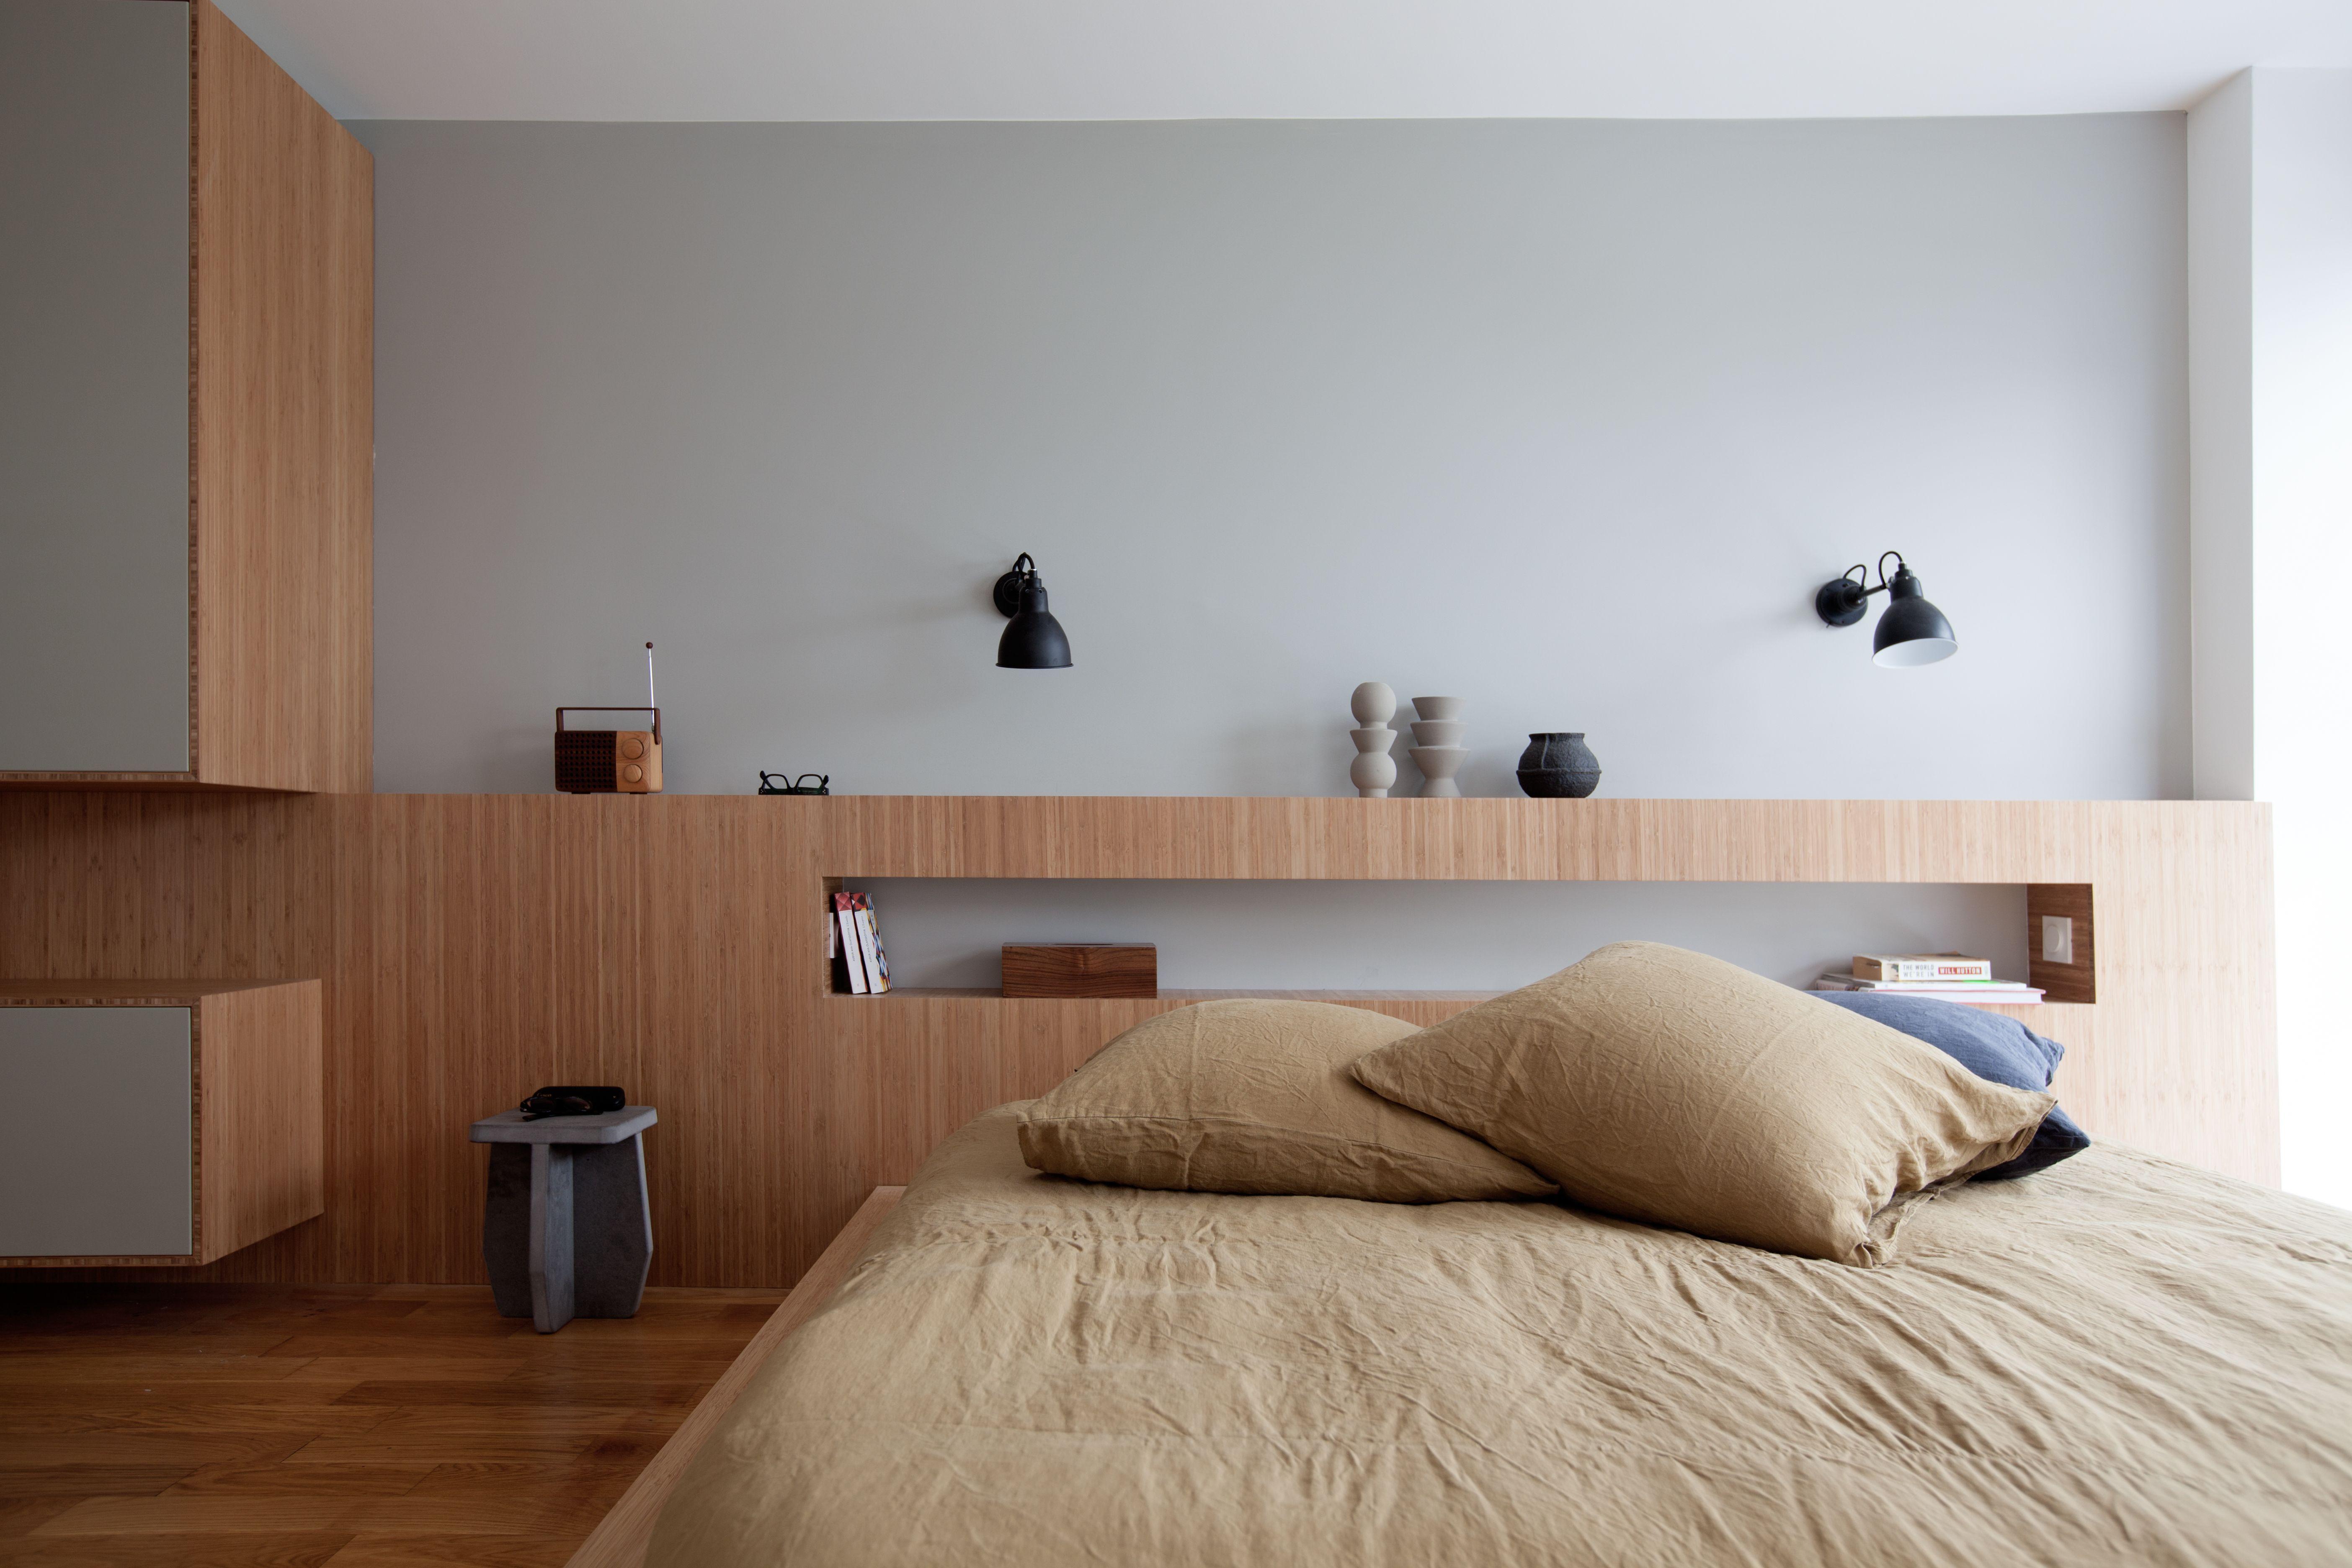 t te de lit biblioth que surmont e de 2 appliques n 304 dcw de gras petit tabouret en m dium. Black Bedroom Furniture Sets. Home Design Ideas